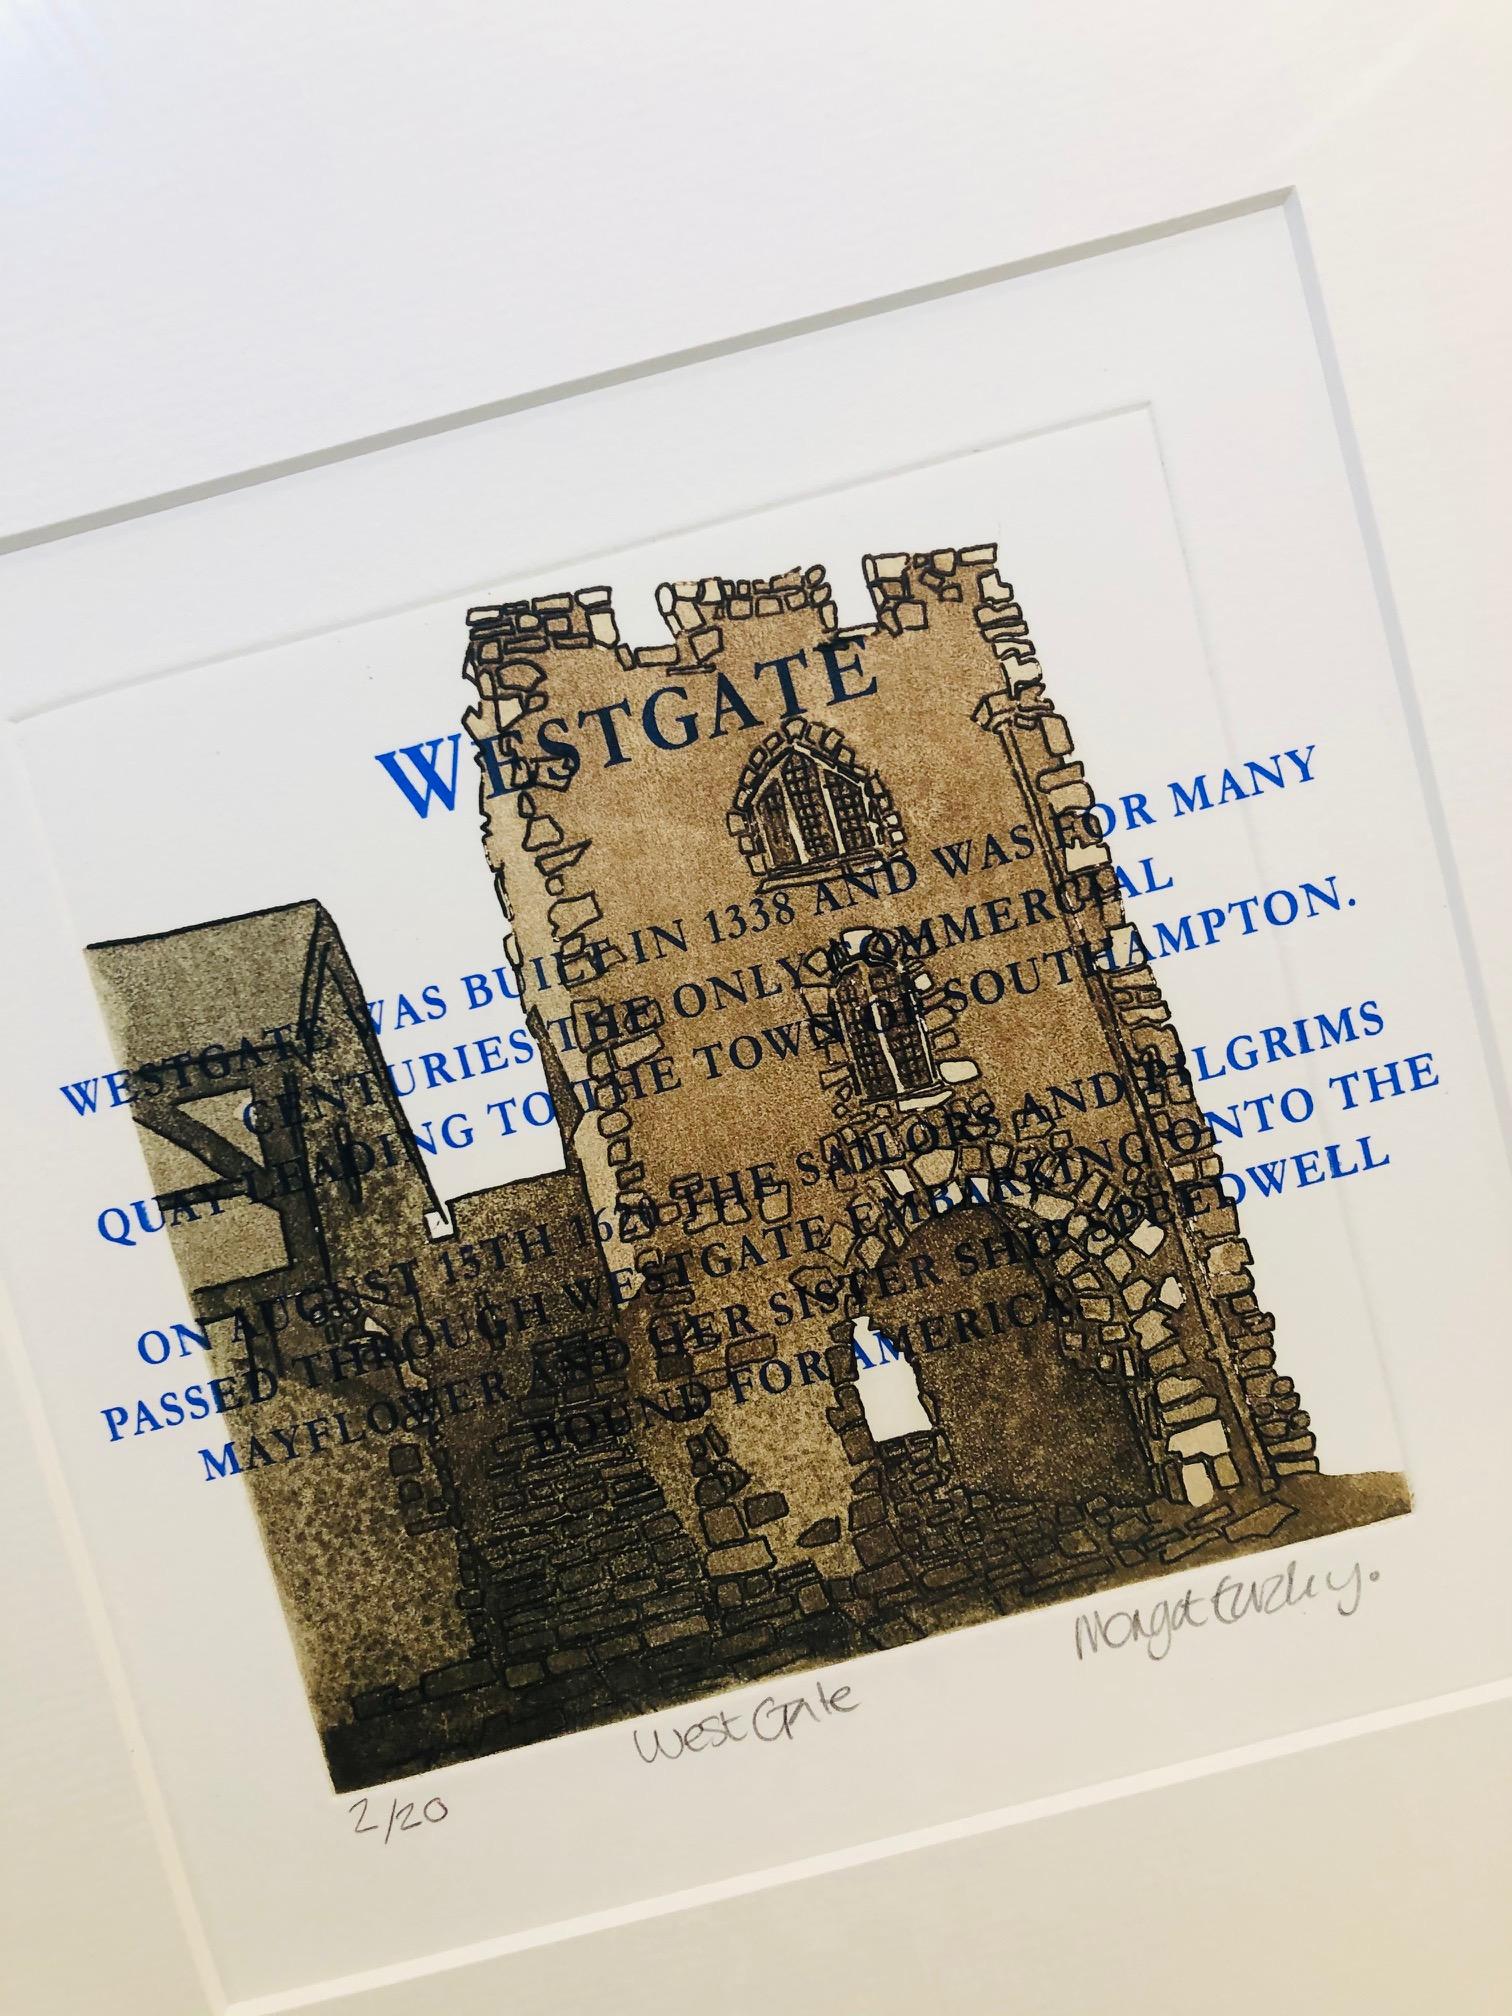 Westgate Print by Margot Eardley